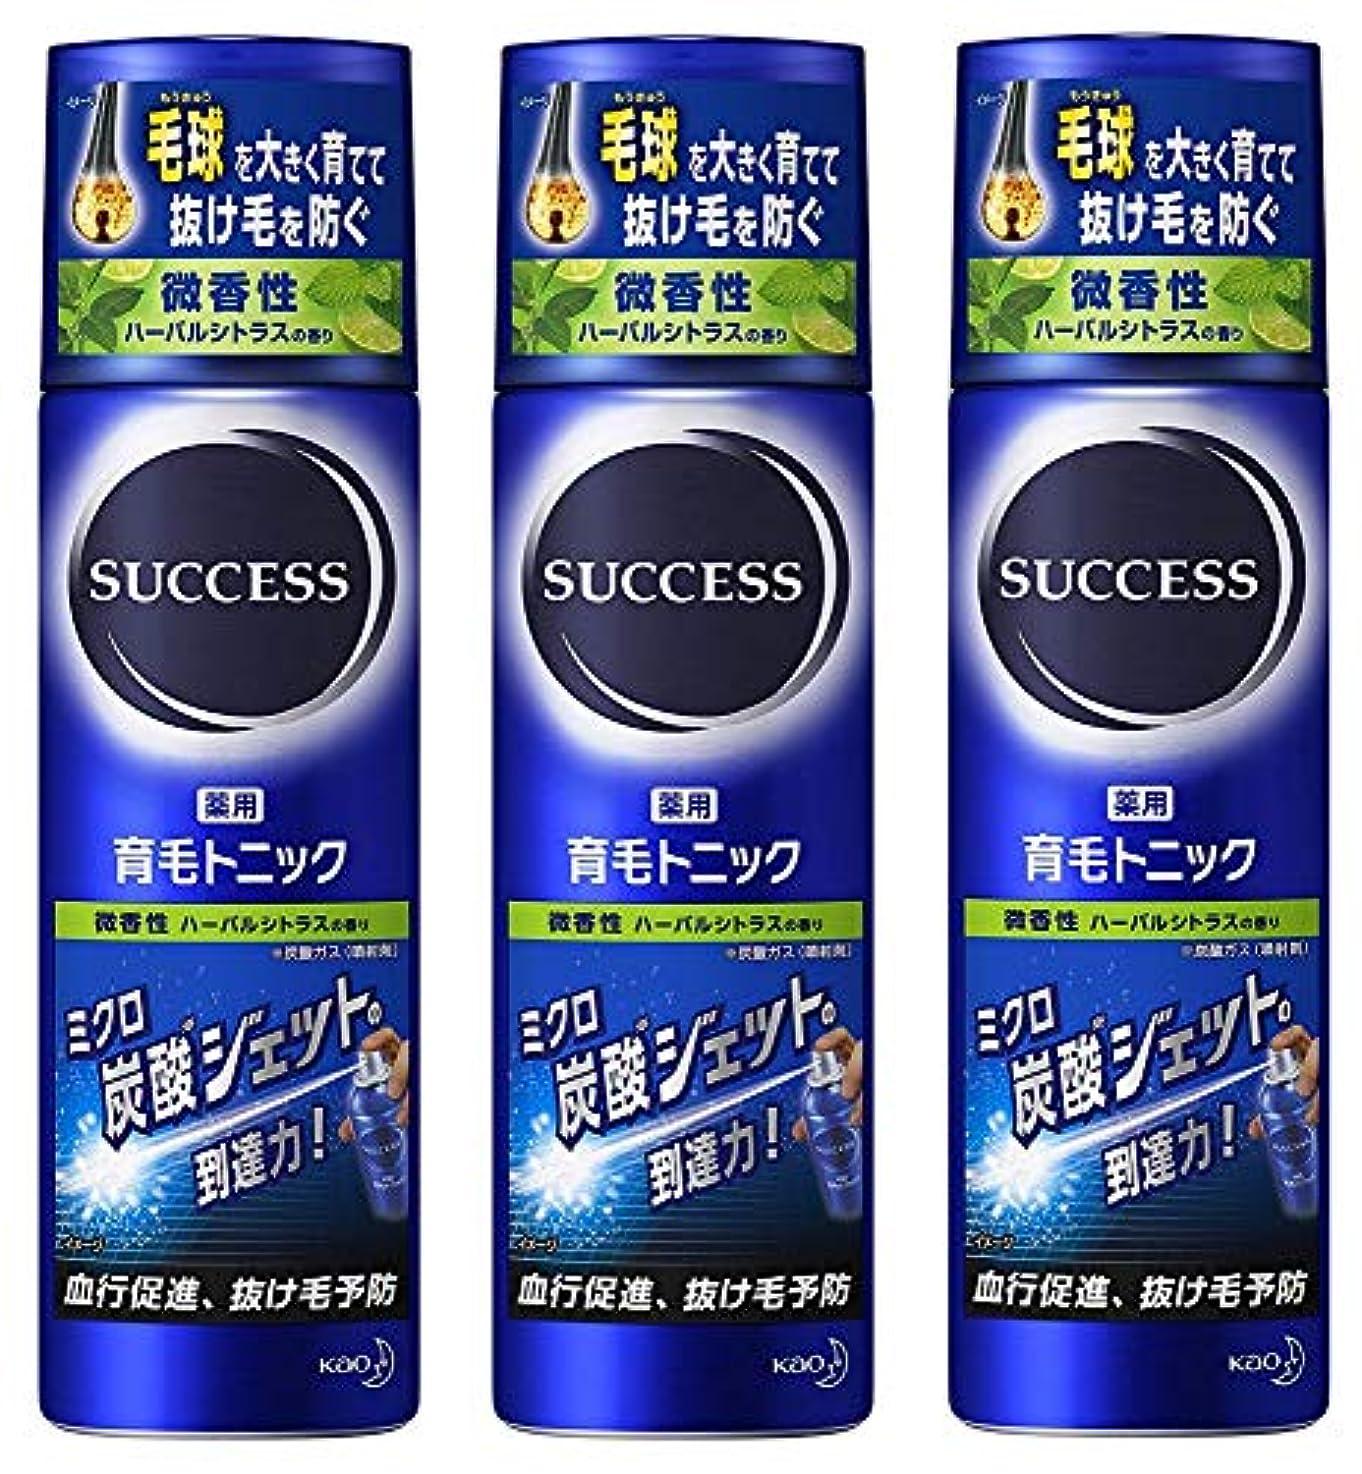 毛布測定可能シネマ【花王】サクセス 薬用育毛トニック 微香性 180g ×3個セット